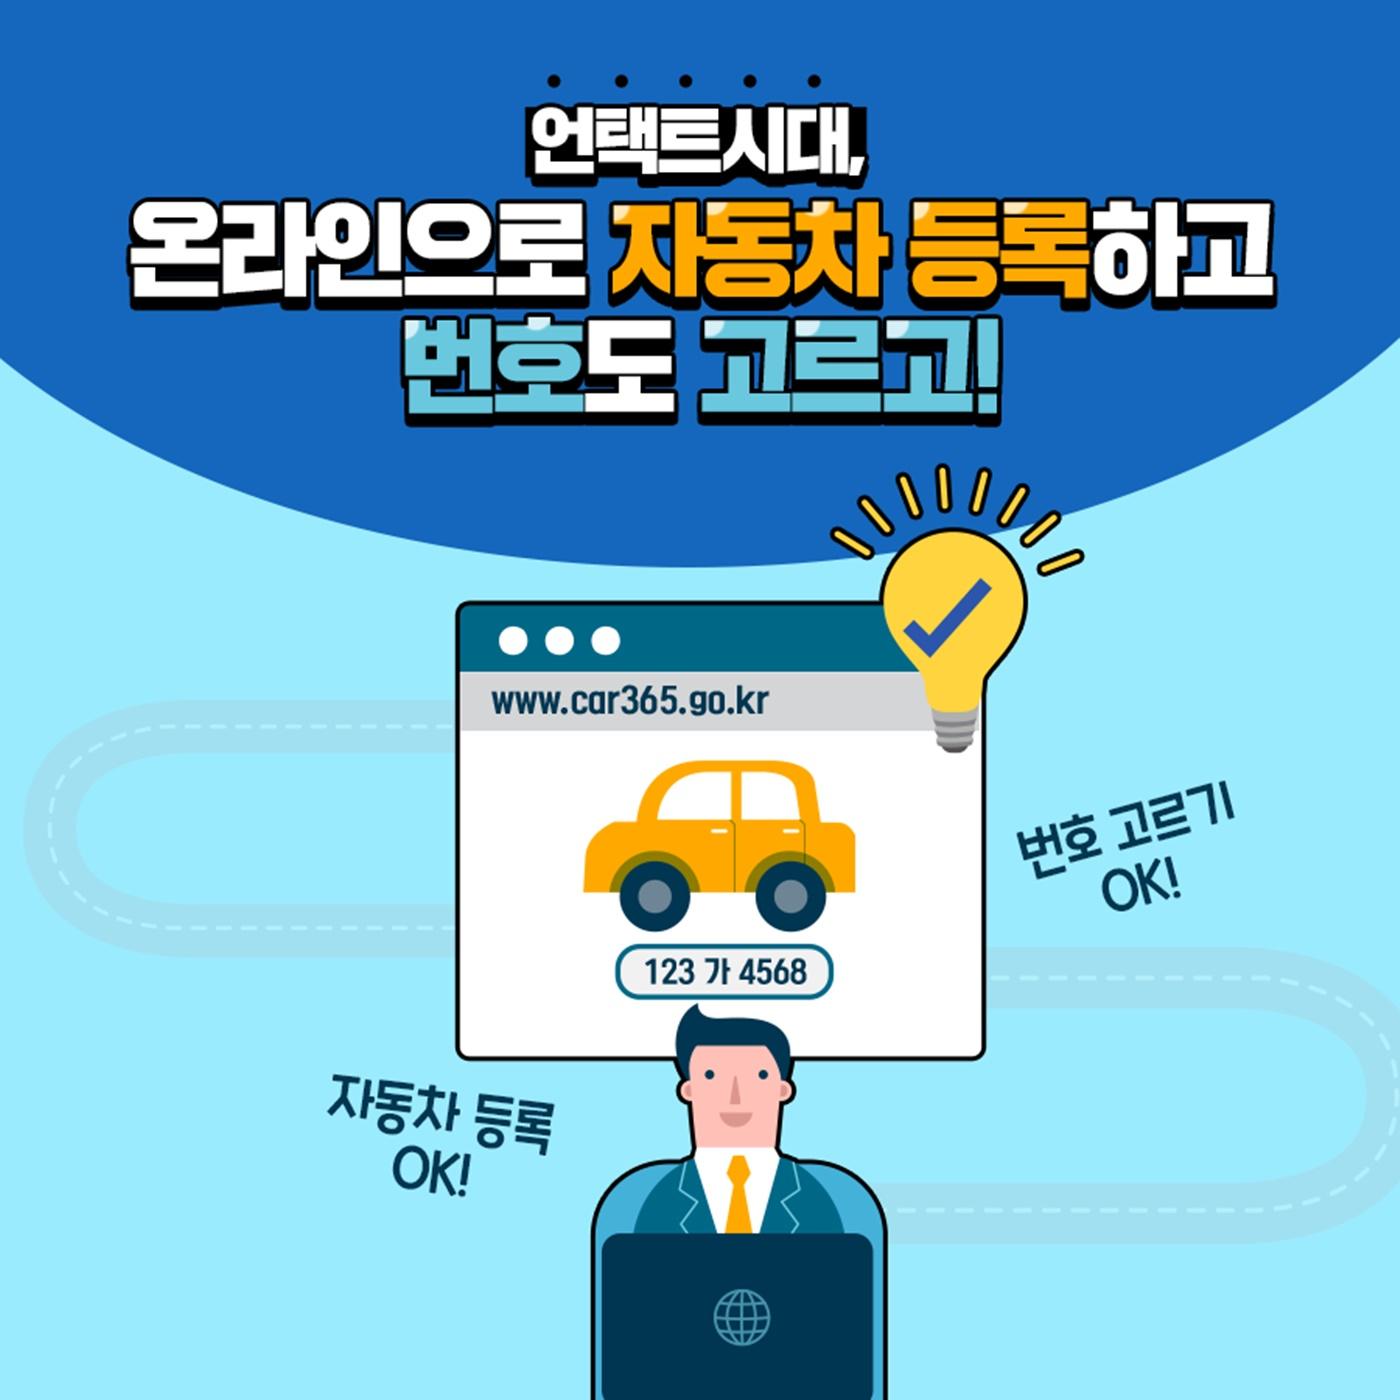 언택트 시대, 온라인으로 자동차 등록하고 번호도 고르고!